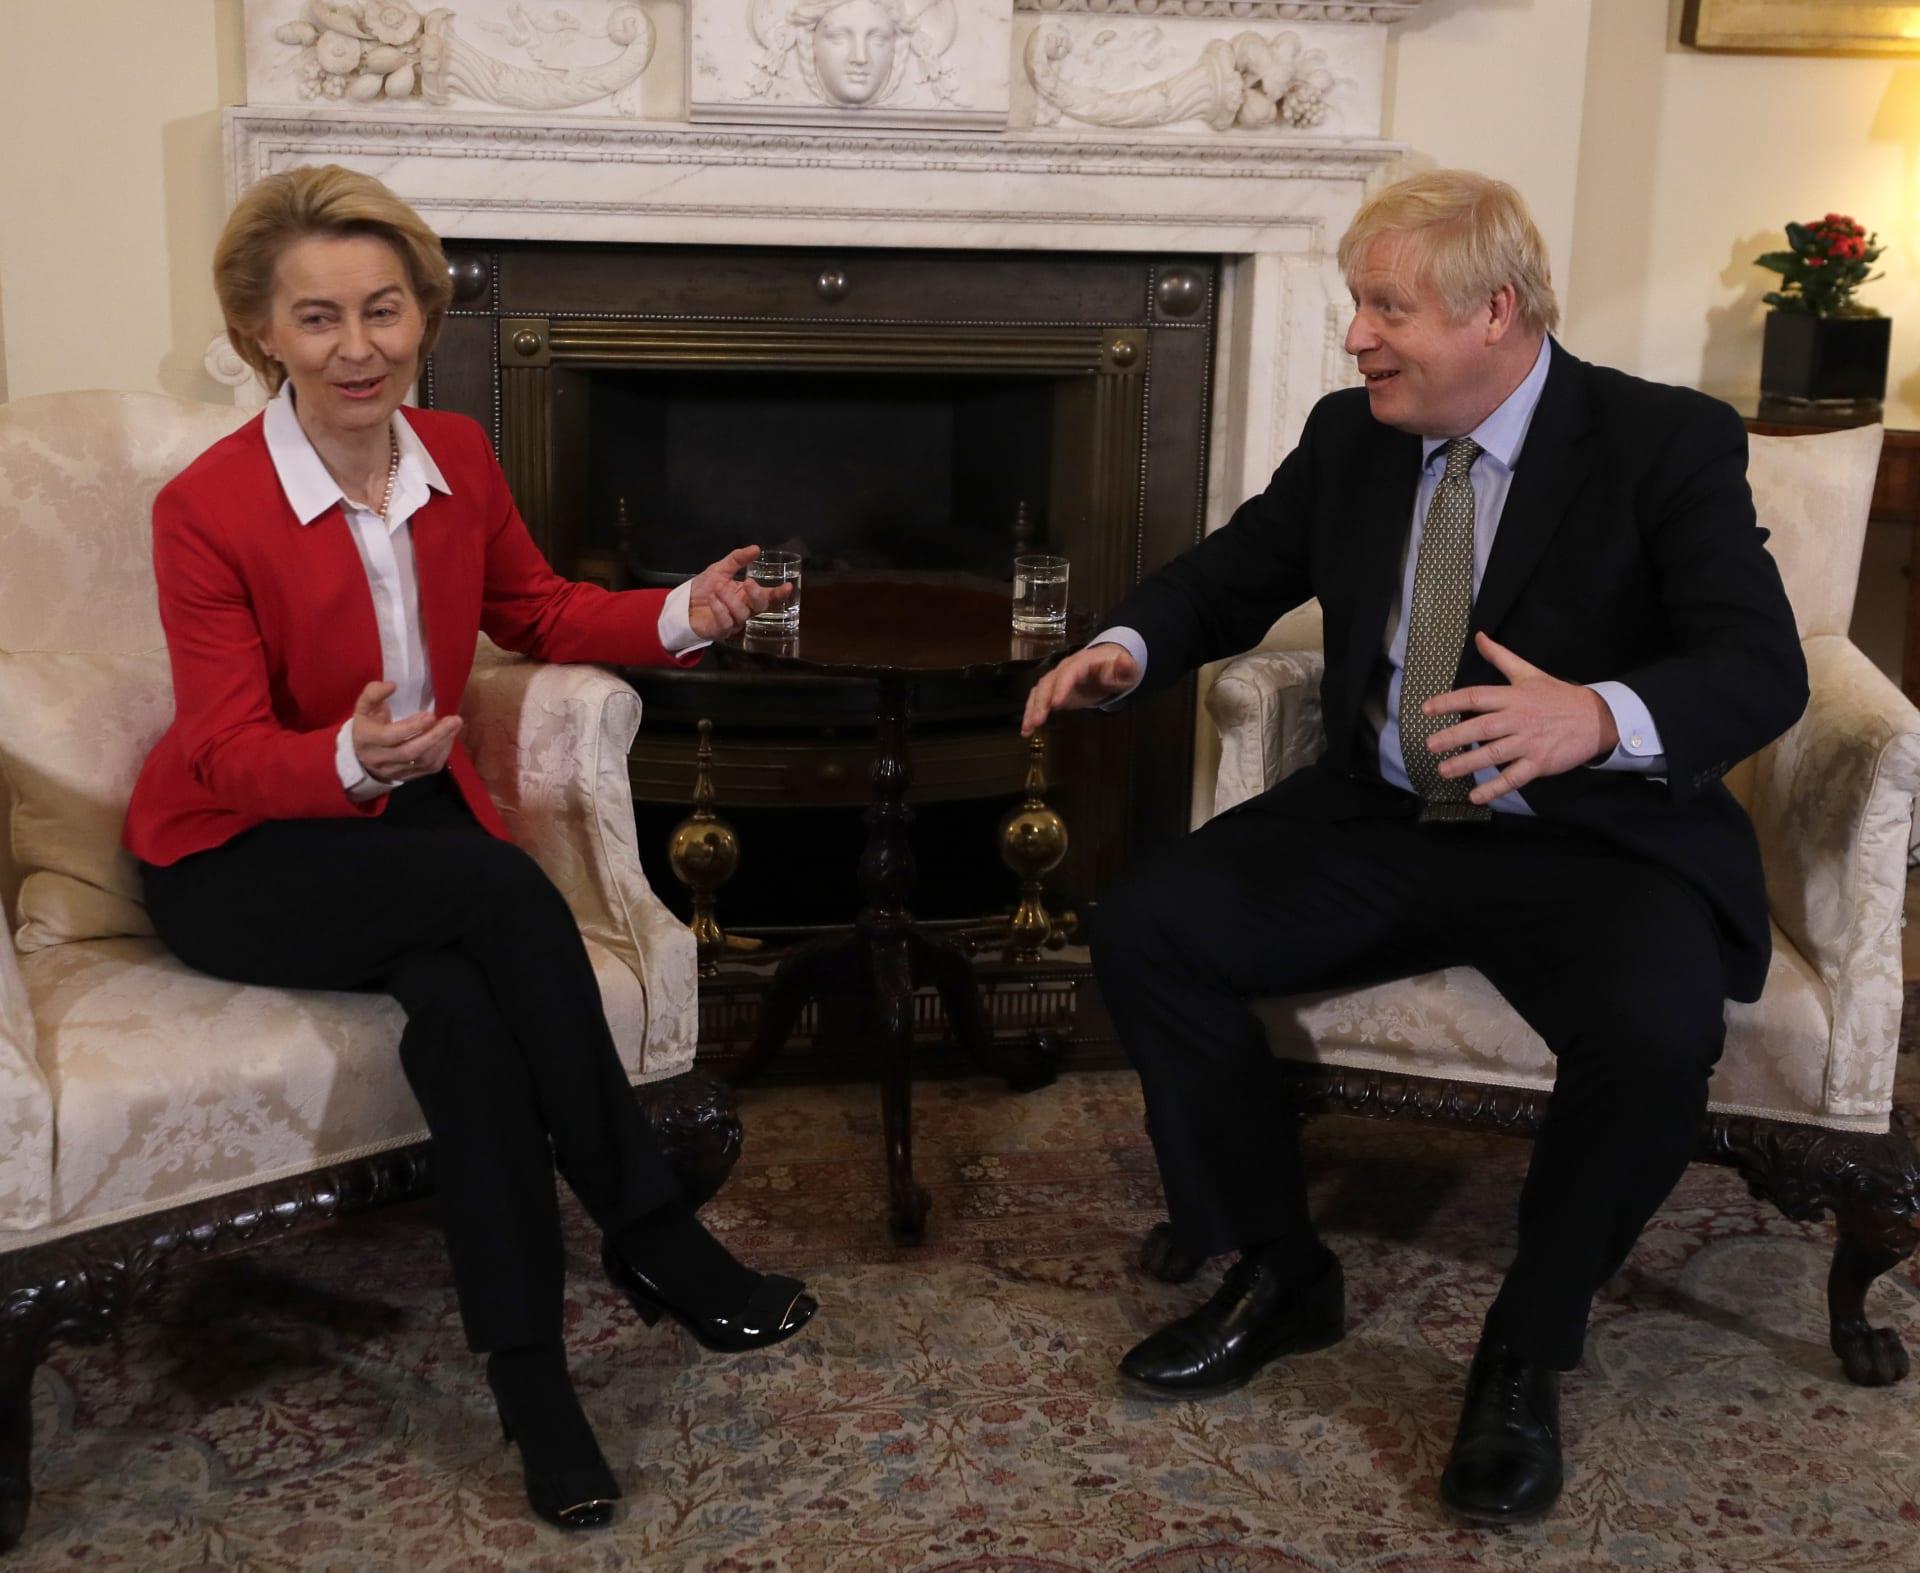 فون دير لاين: لا تزال الخلافات قائمة بشأن مفاوضات خروج بريطانيا من الاتحاد الأوروبي